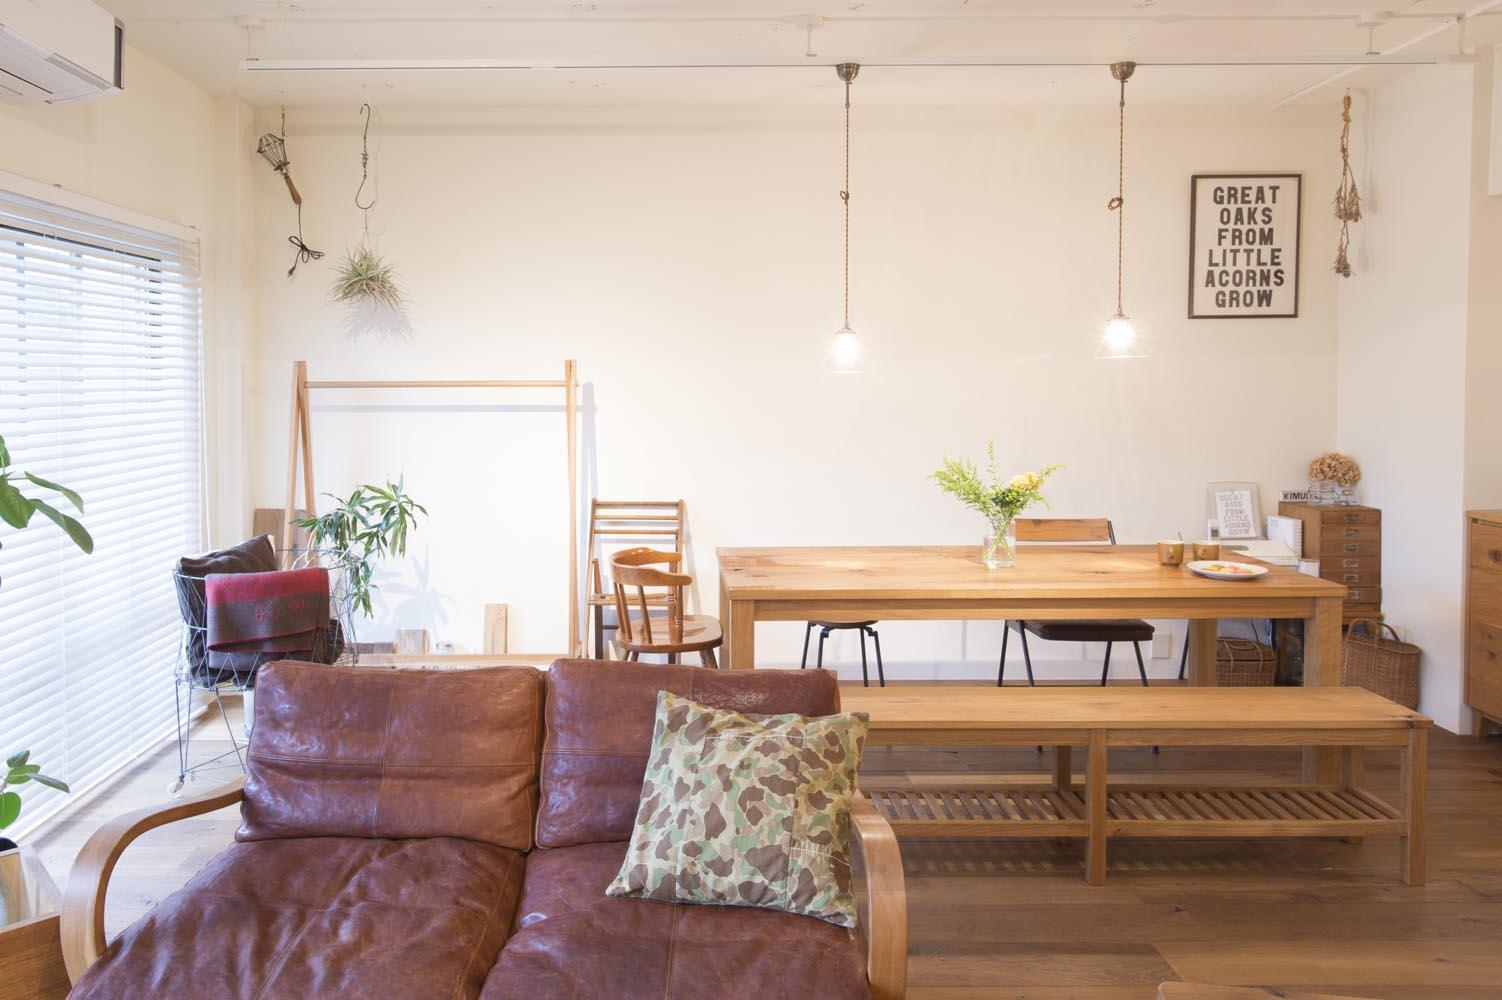 「Renomama (リノまま) 」のリノベーション事例「自作の家具になじむ、無垢材と漆喰の空間」